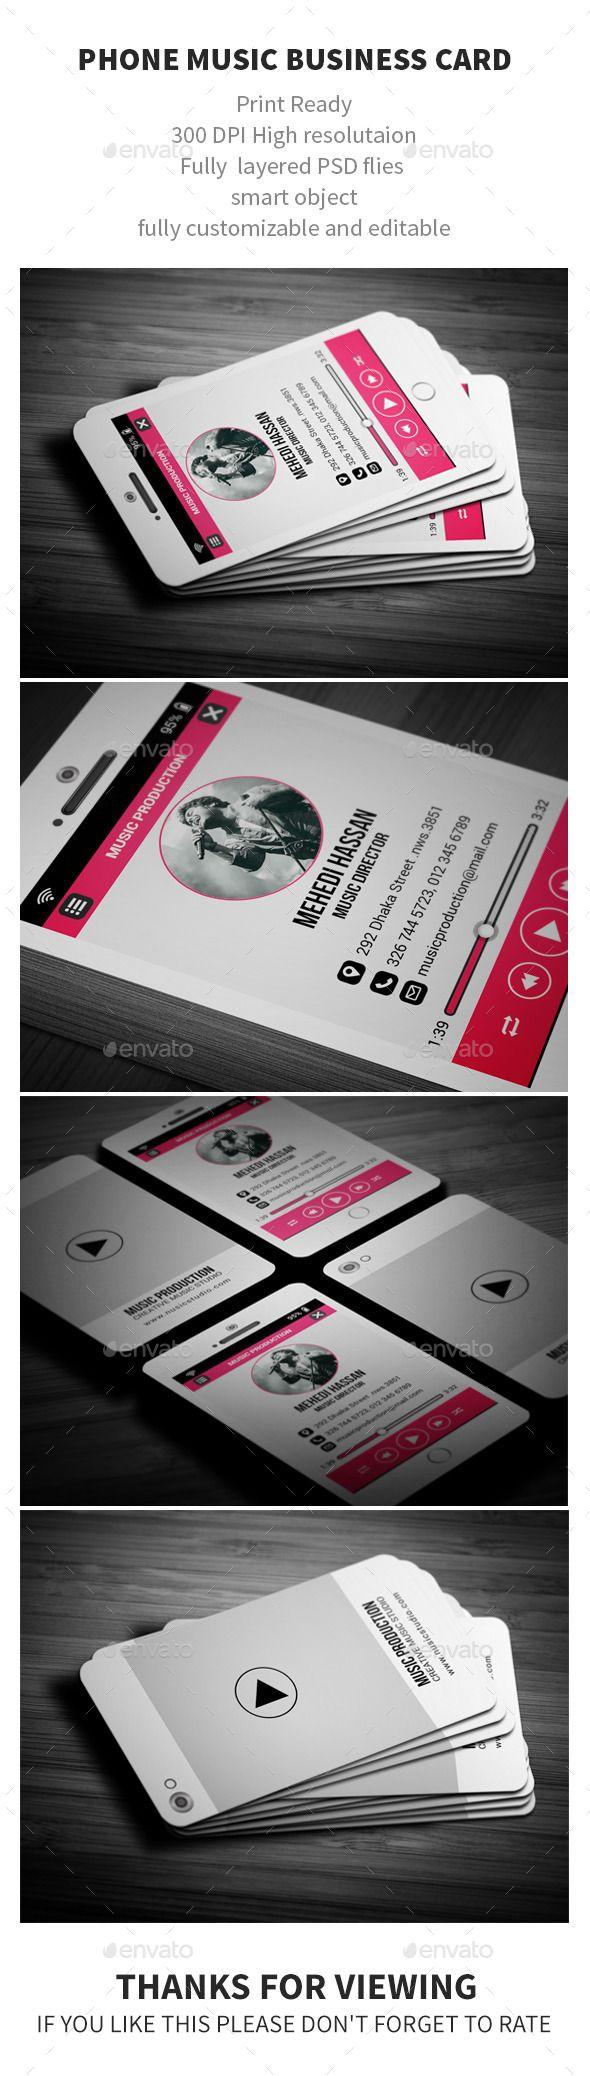 Phone Music Business Card | Tarjetas de presentación, Tarjetas y ...